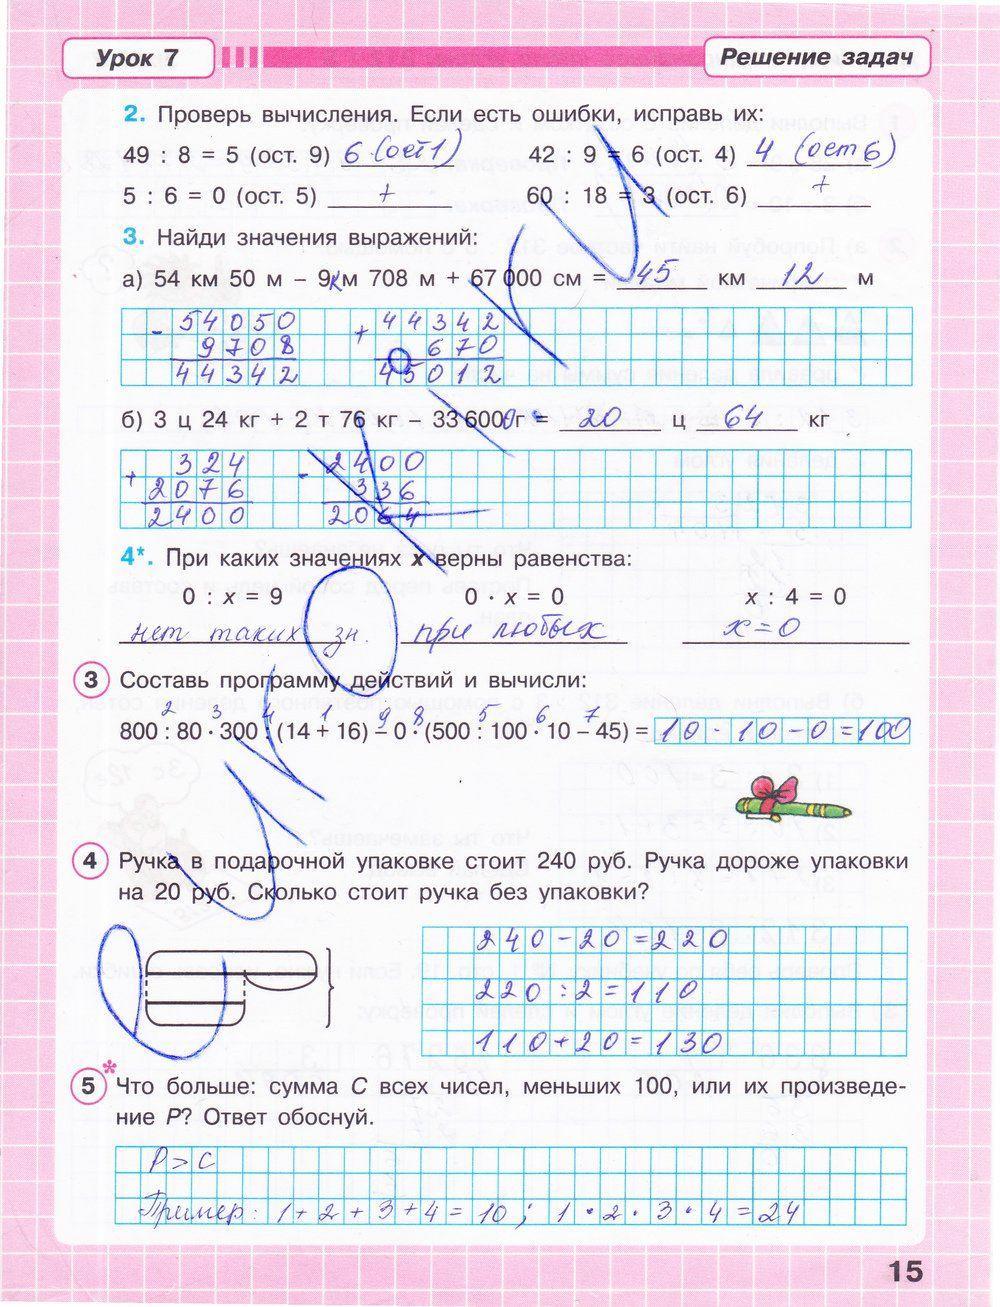 Тексты контрольных работ 1 2 по математике во 2 классе петерсон скачать бесплатно